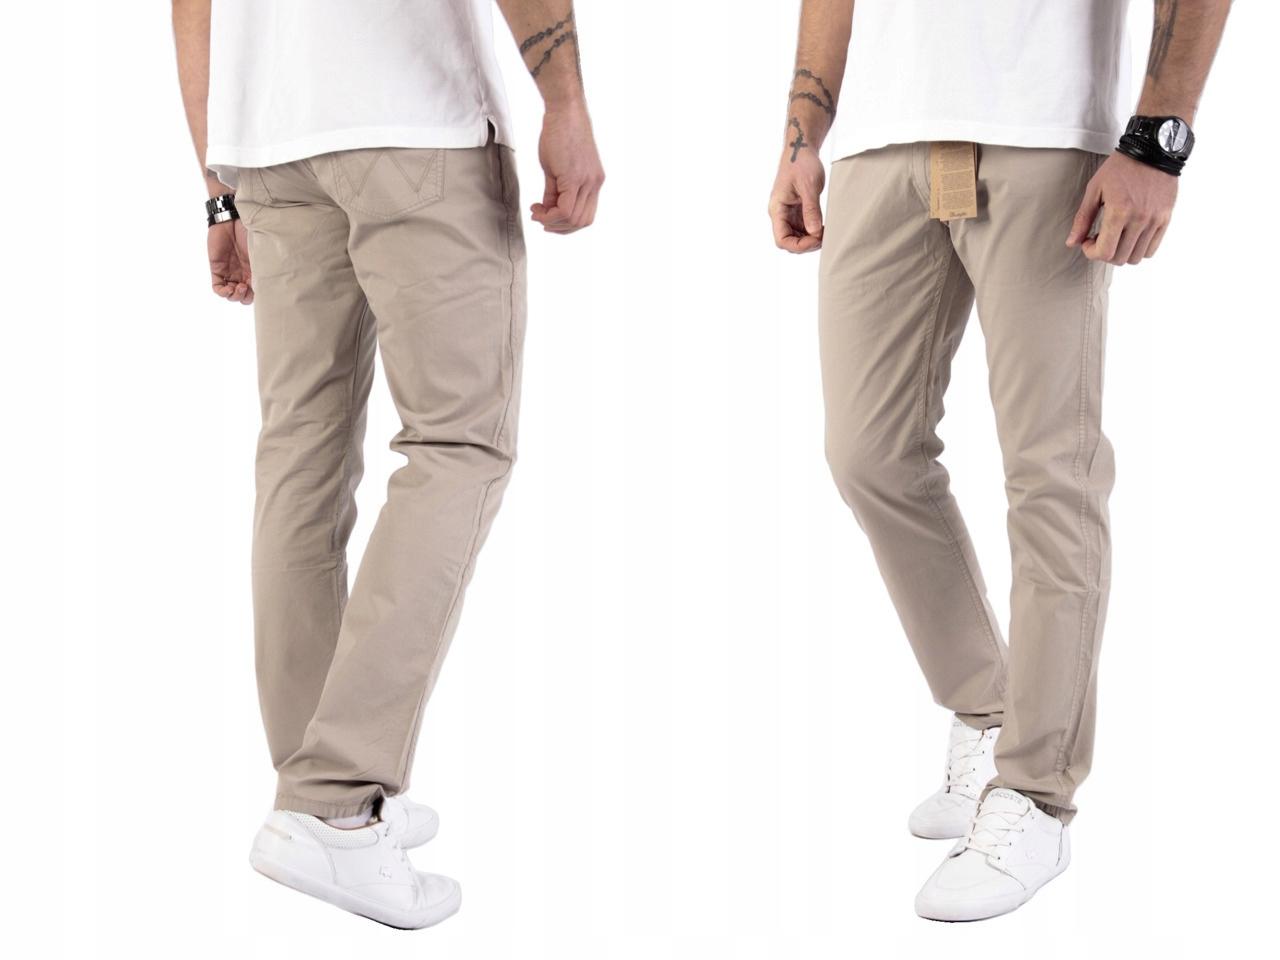 Wrangler Greensboro Camel spodnie W33 L30